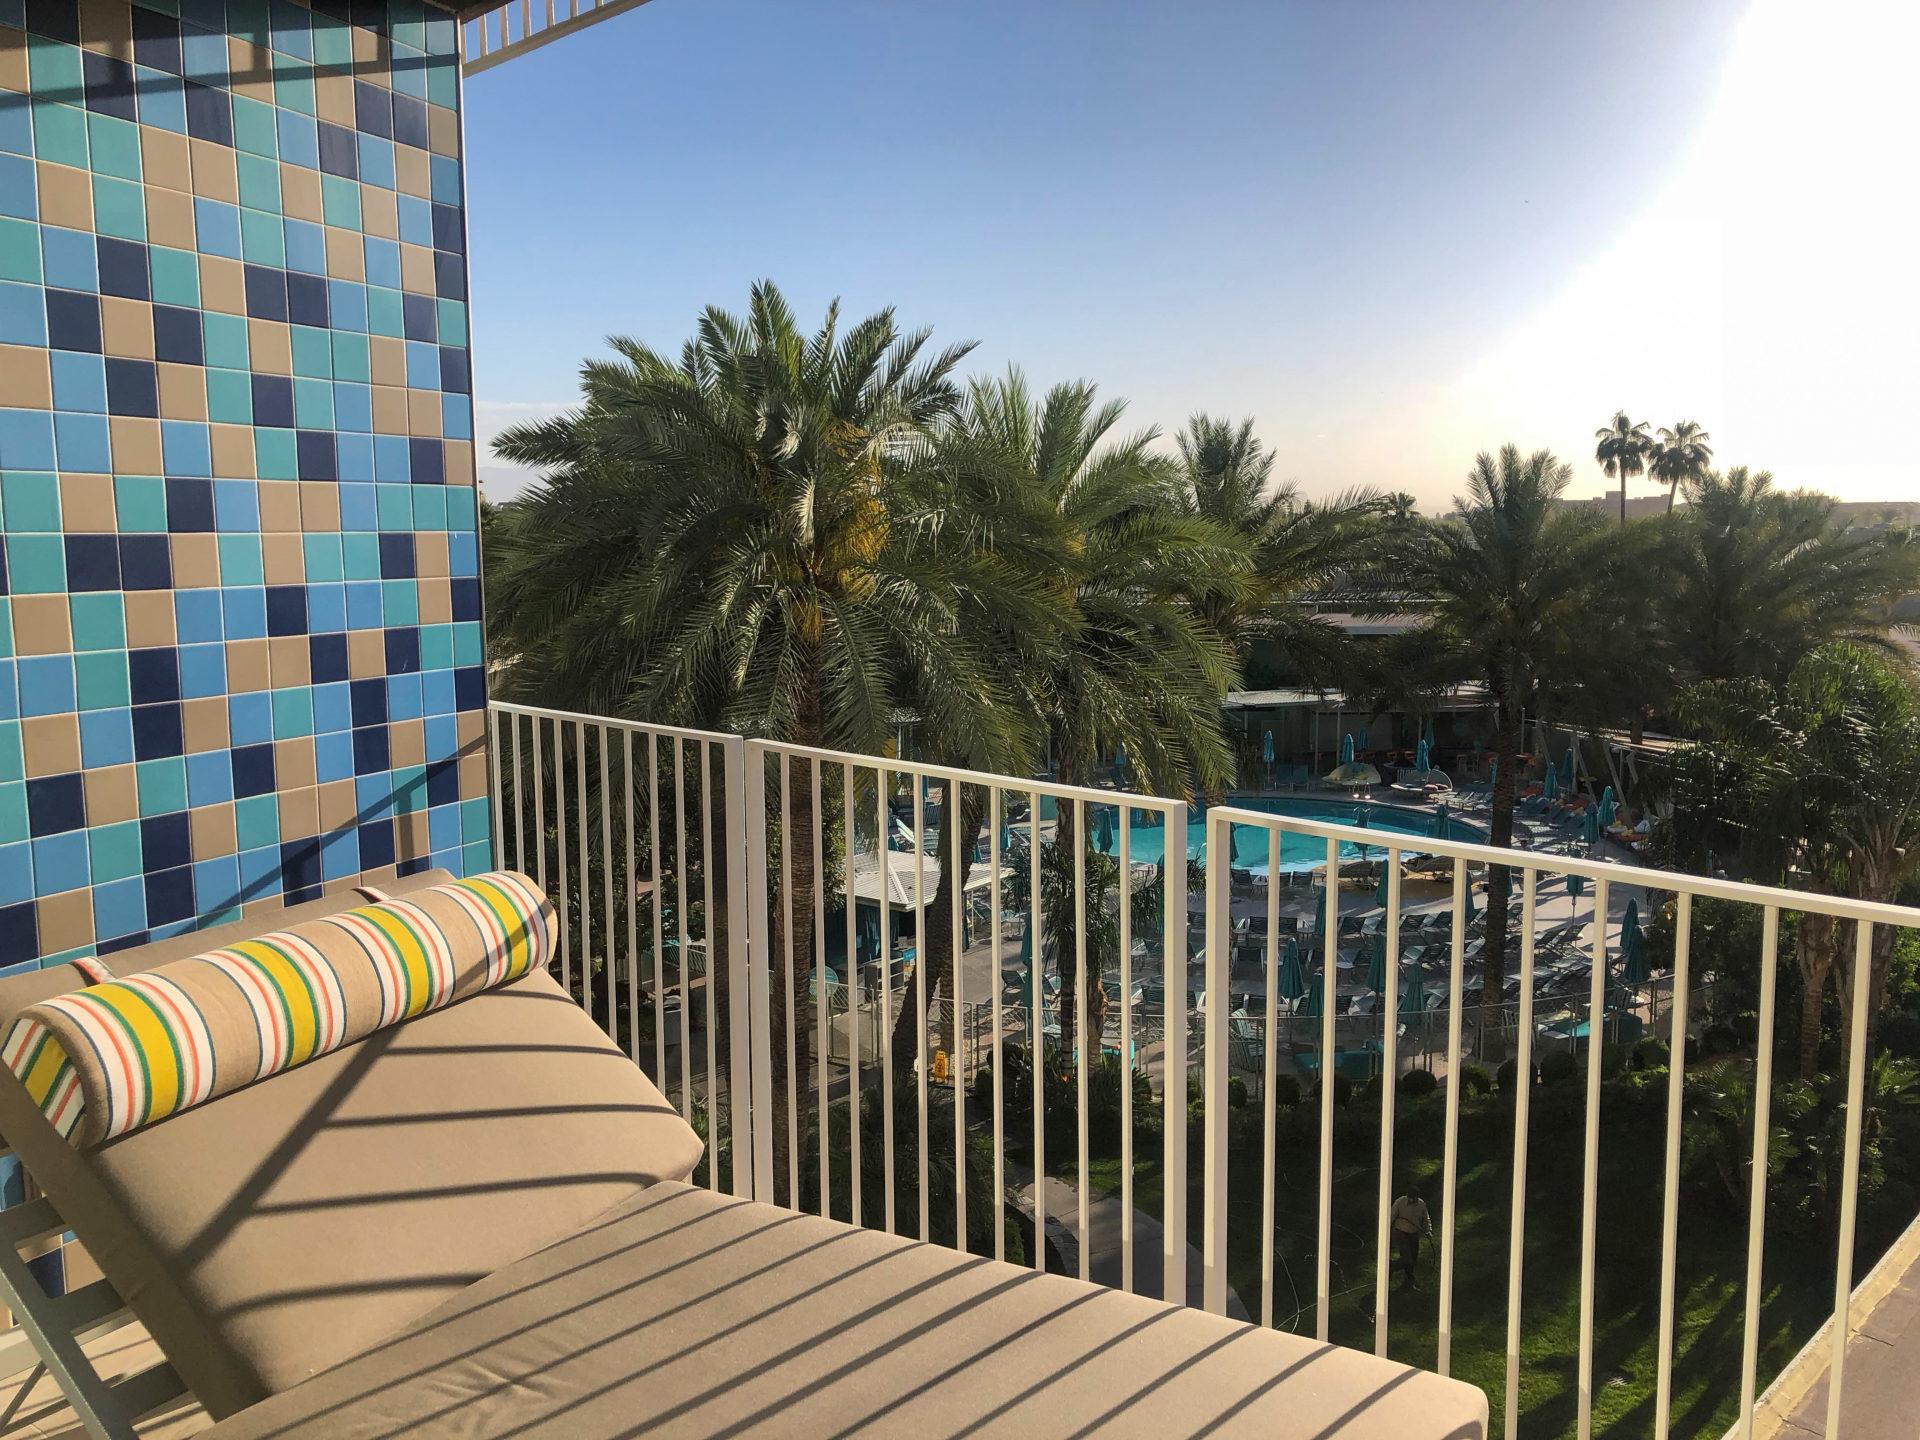 Das Valley Ho Hotel in Scottsdale ist im Mid Century Modern Stil gehalten